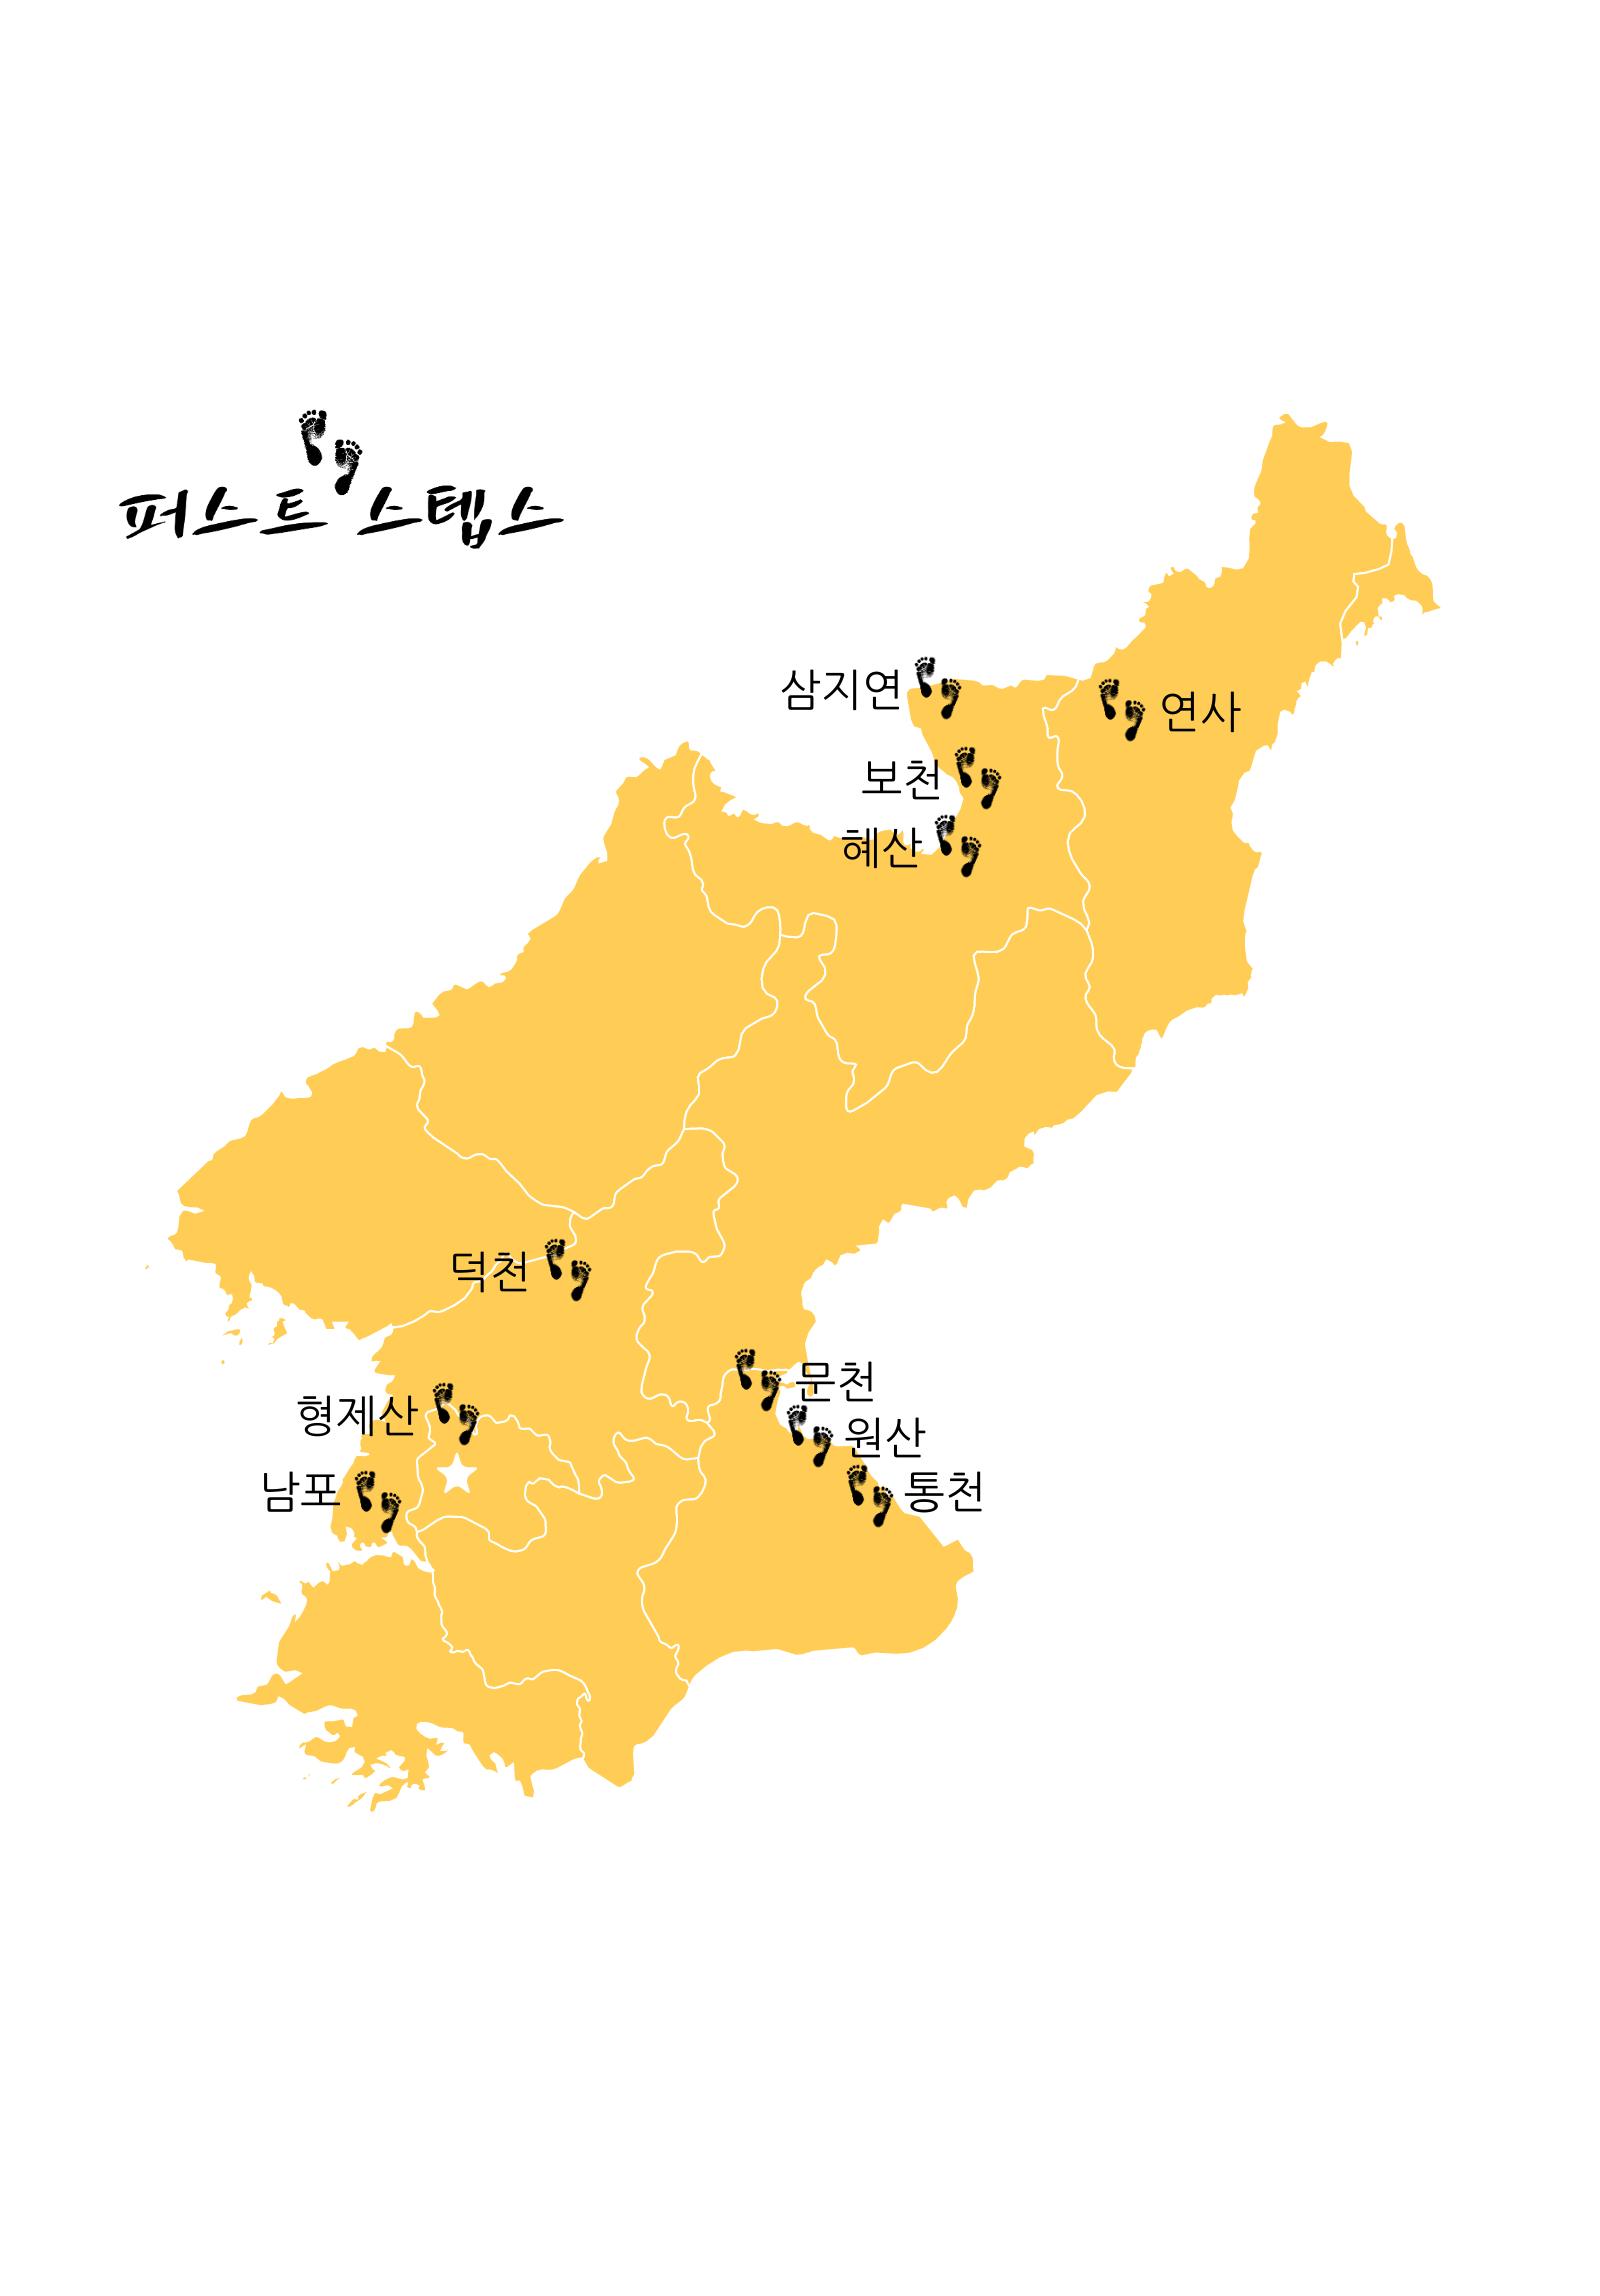 2019 Korean Map.png